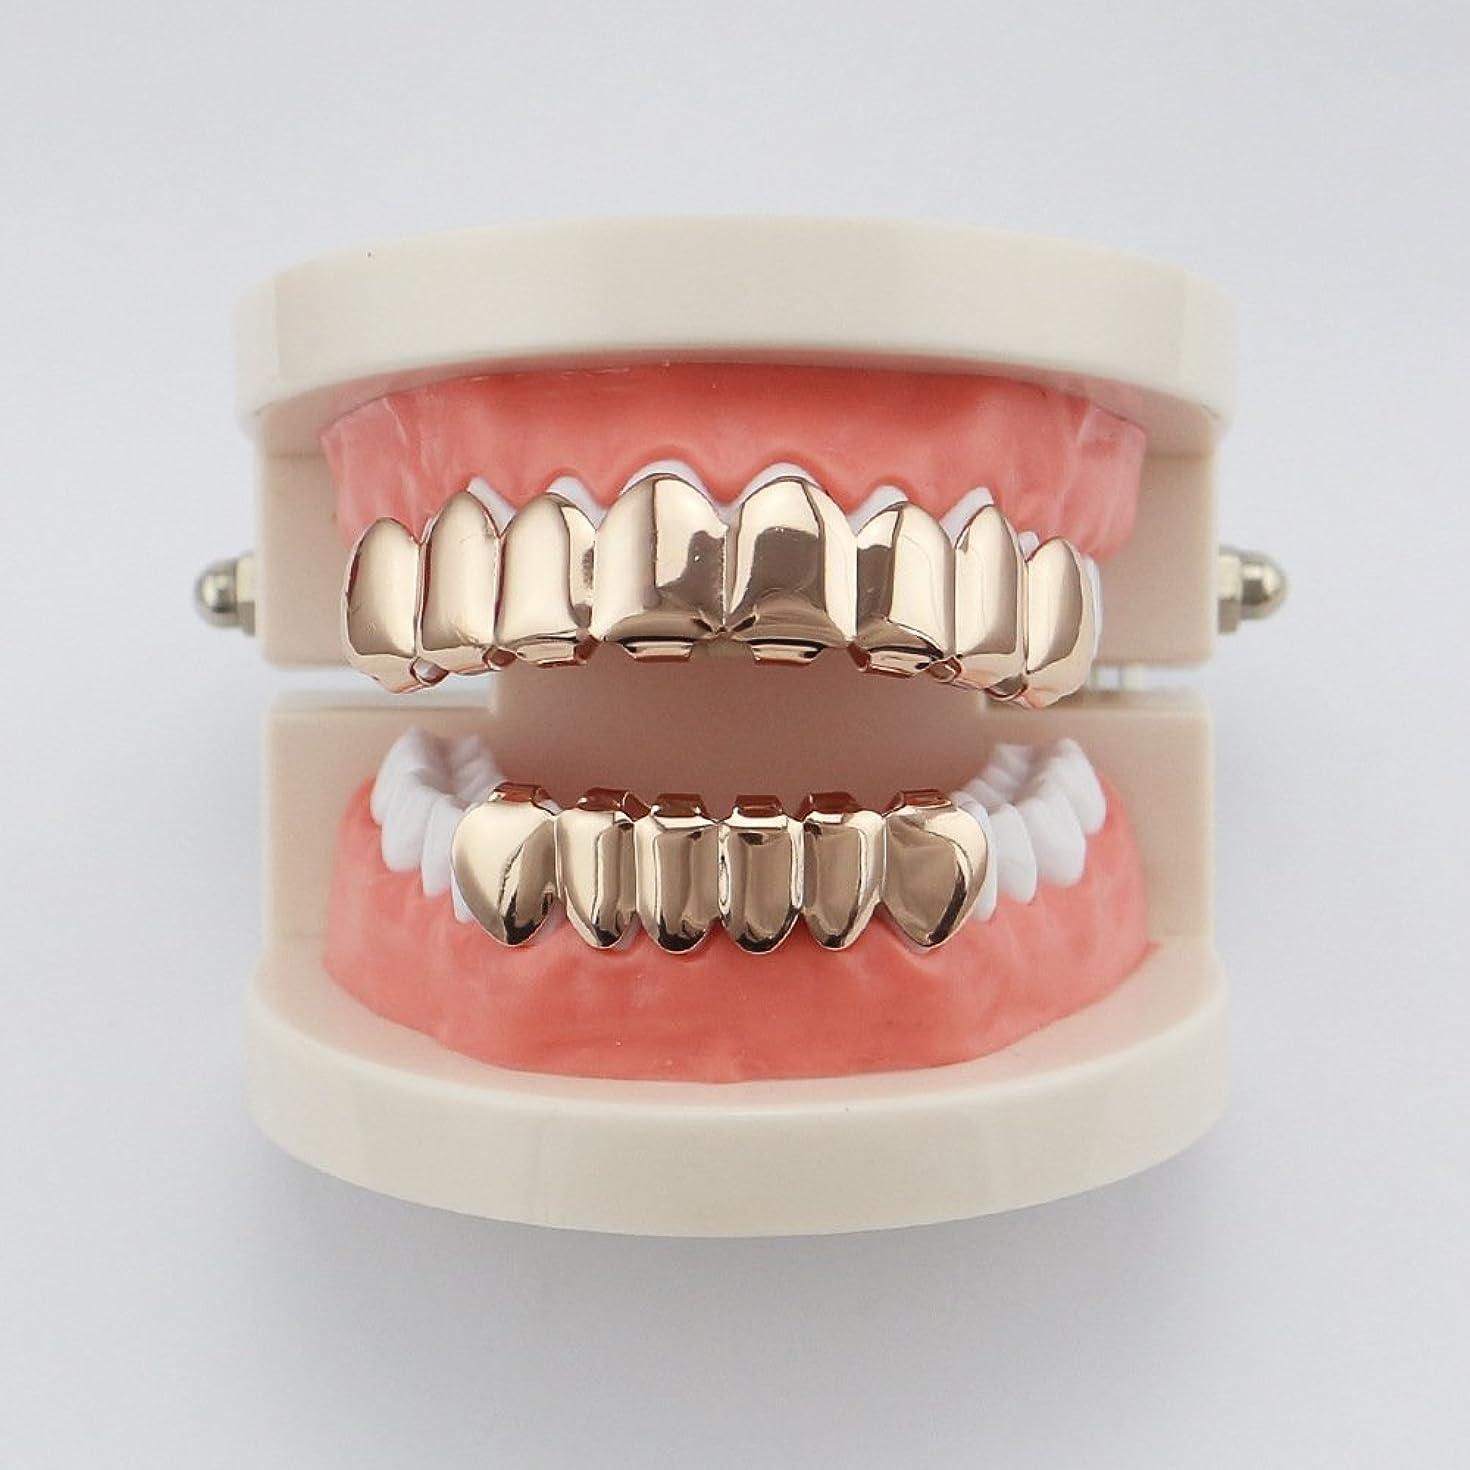 クリップ徹底的に小さいファッションヨーロッパとアメリカのヒップホップの歯ゴールドメッキ光沢のある金ブレース型セットトップとボトムバーベキュー歯コスプレハロウィンプレゼント,rosegold